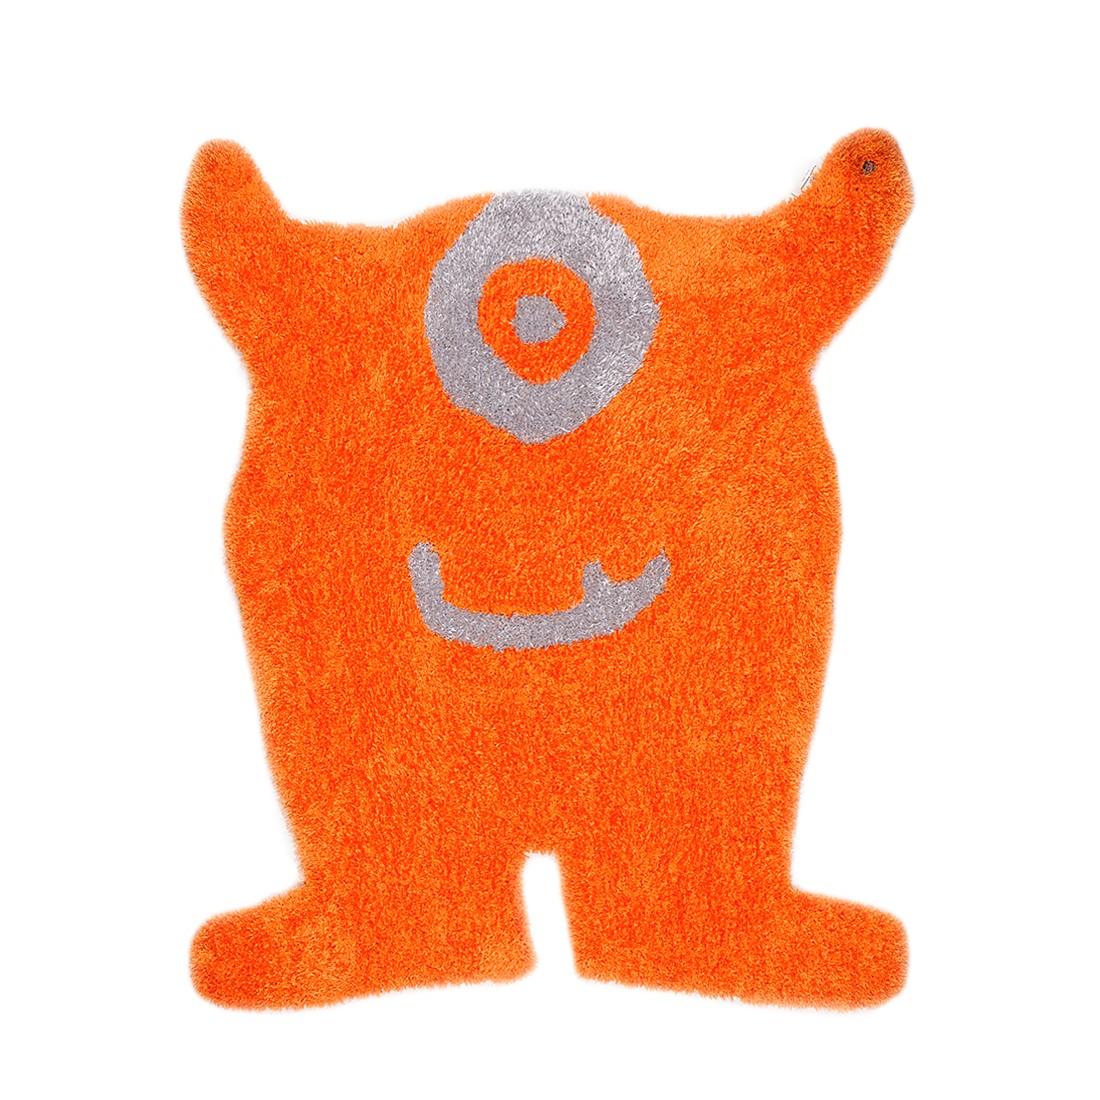 Home 24 - Tapis soft monster - orange - 120 x 100 cm, tom tailor